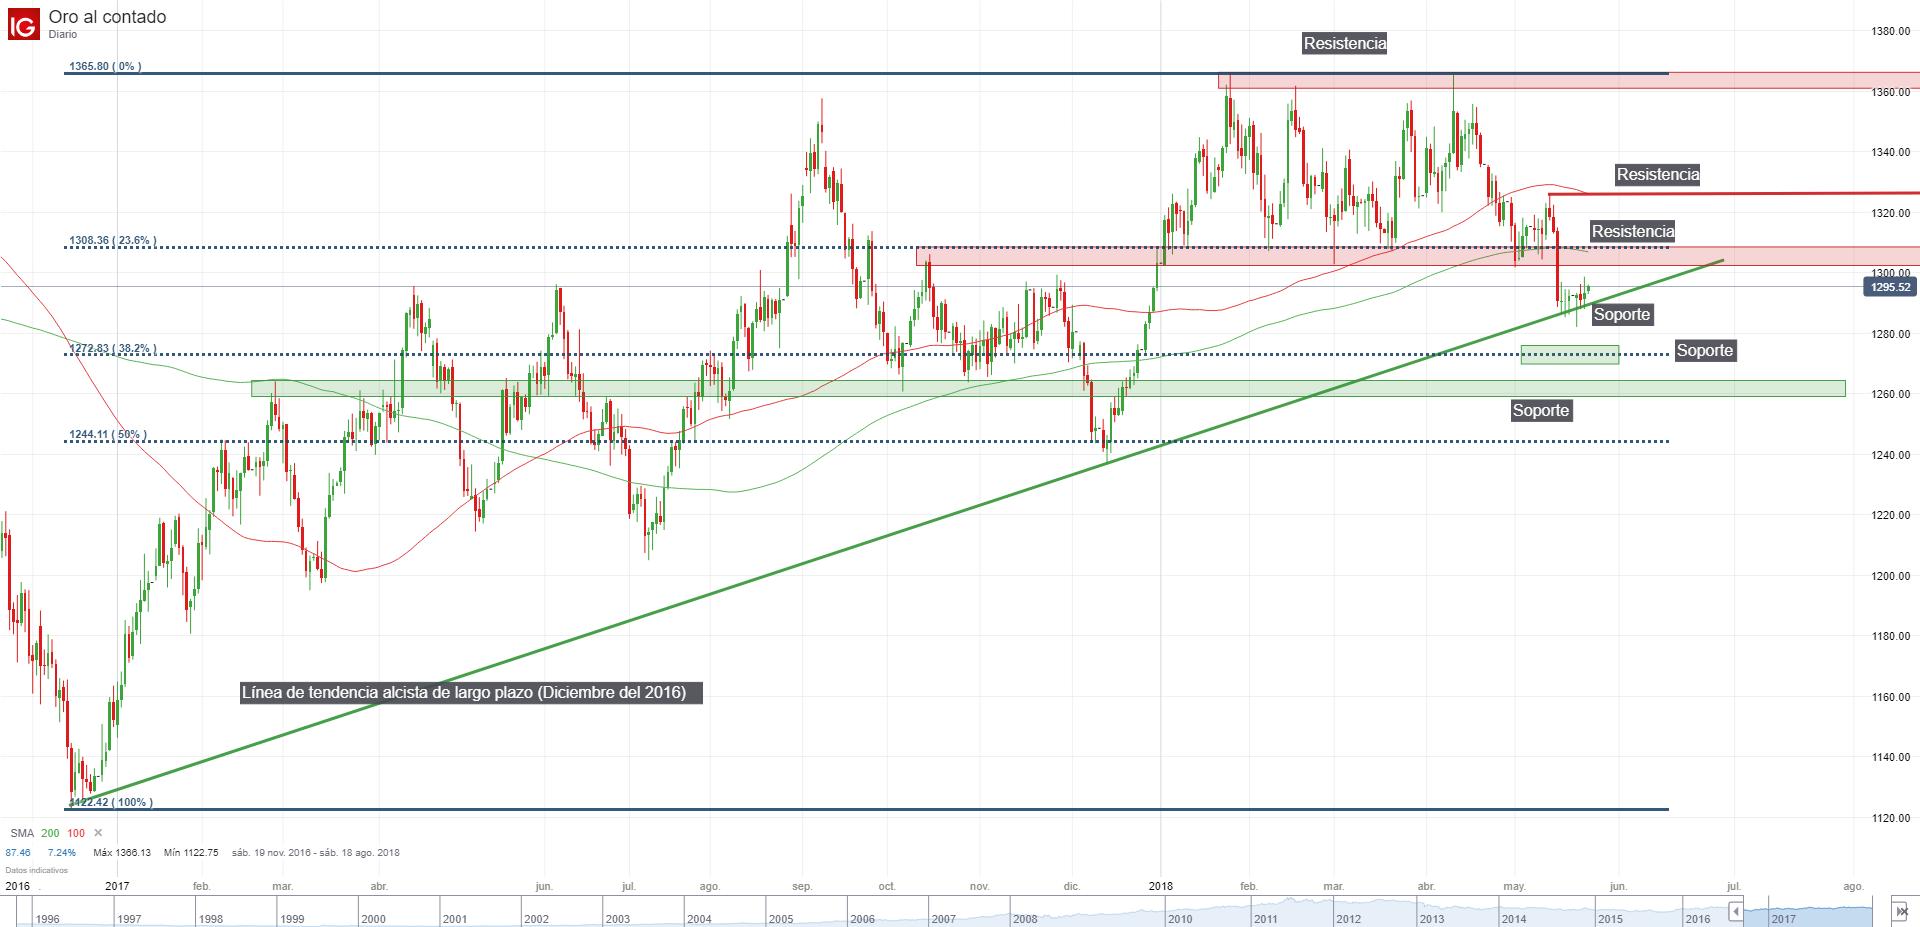 Información sobre niveles de soporte y resistencia en el mercado forex